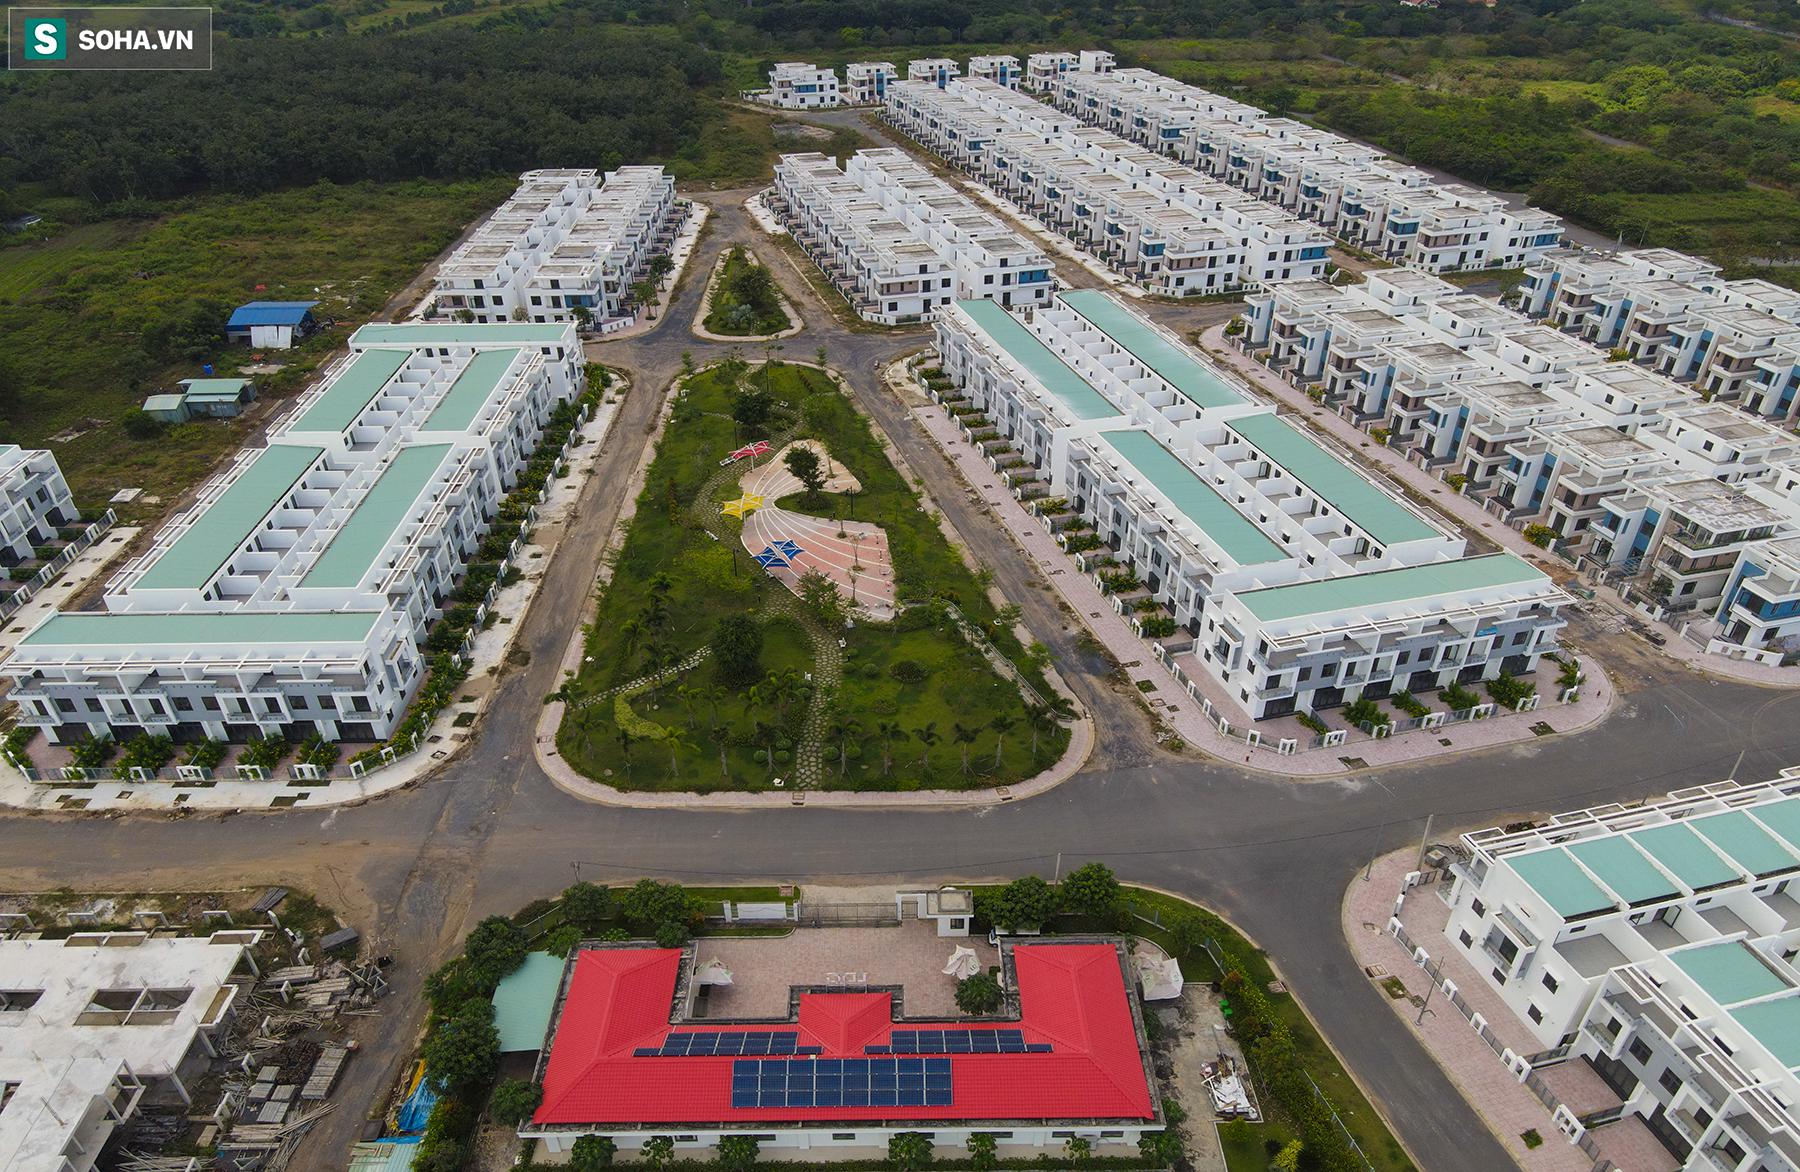 [Ảnh] Cận cảnh dự án với gần 700 căn nhà trái phép, được quảng cáo là đô thị thông minh đầu tiên tại Việt Nam - Ảnh 5.